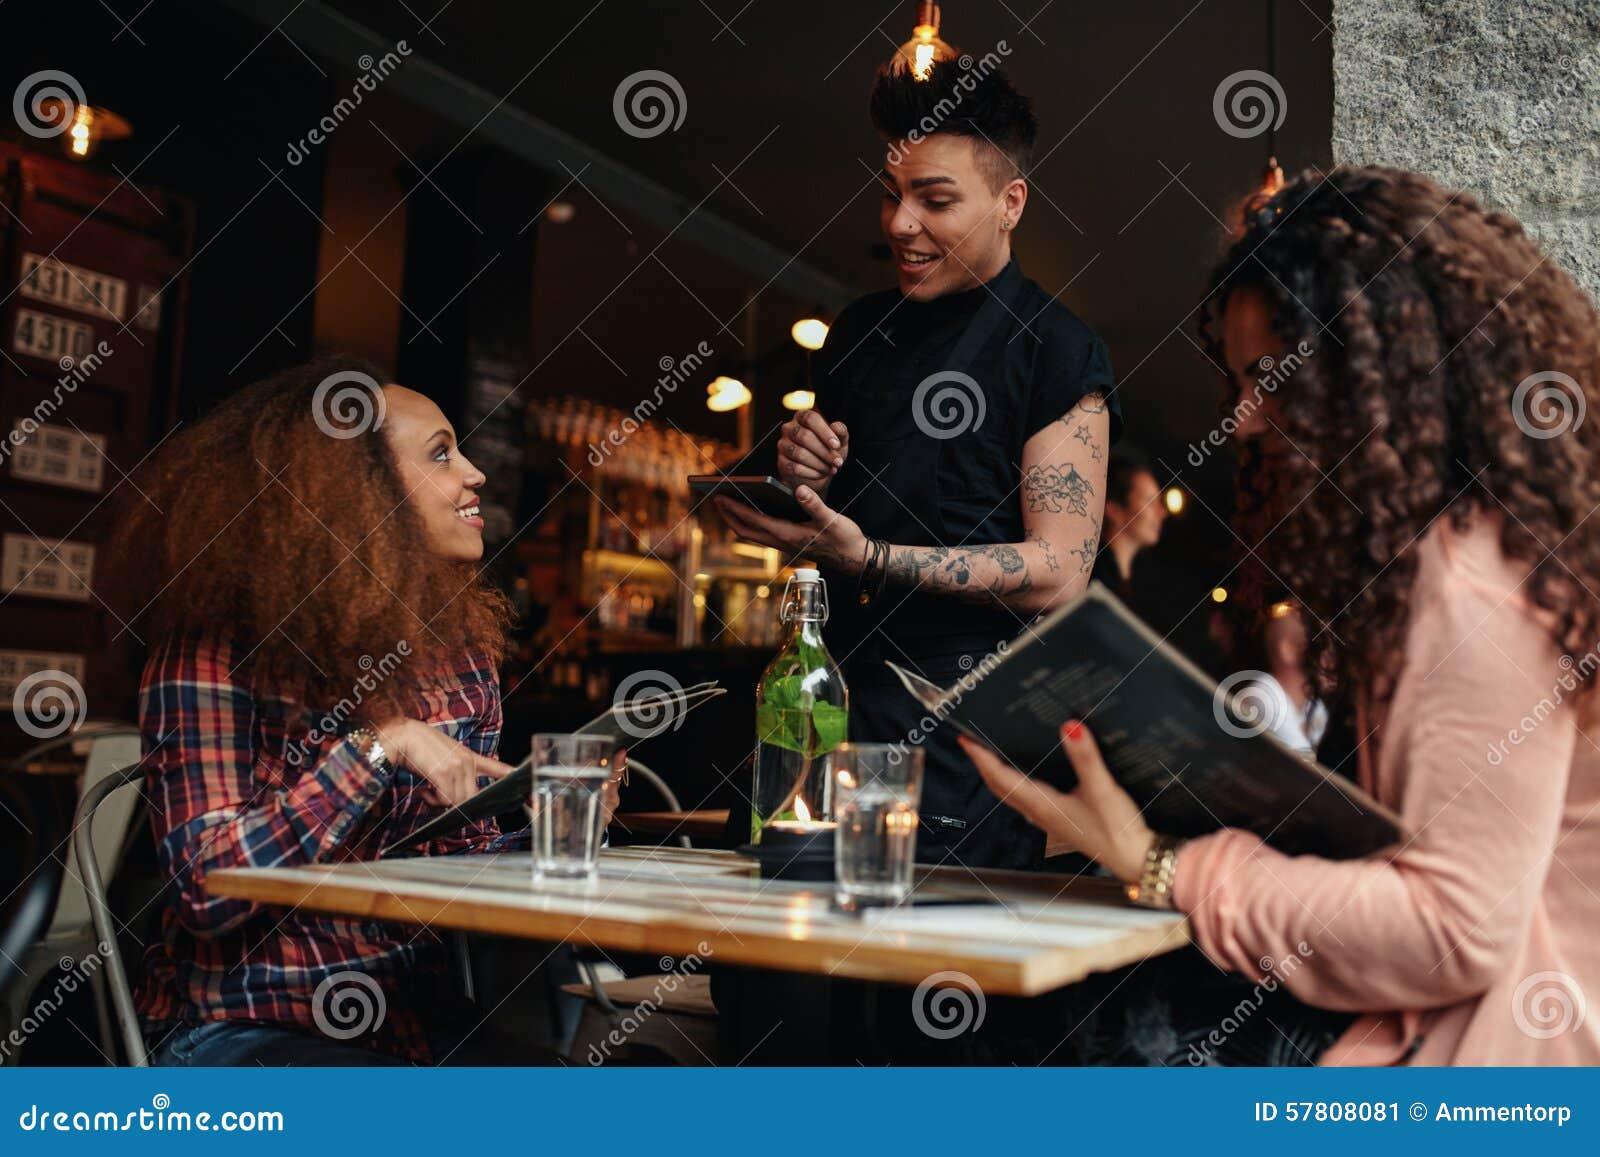 c0dd6e114abe04 Junge Frauen mit einem Freund